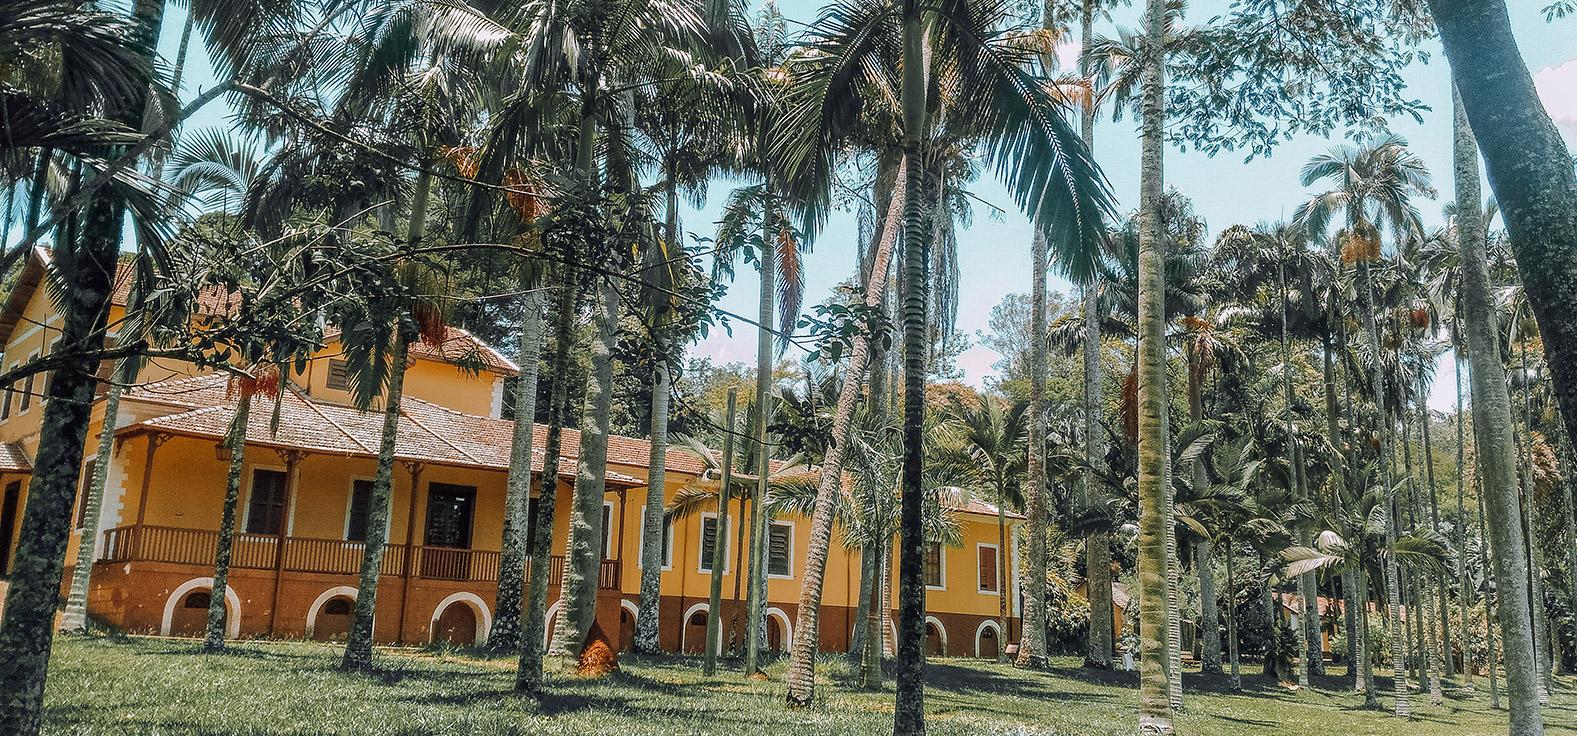 Parque dos Coqueiros em Rio Claro | Portal Serra do Itaquerí